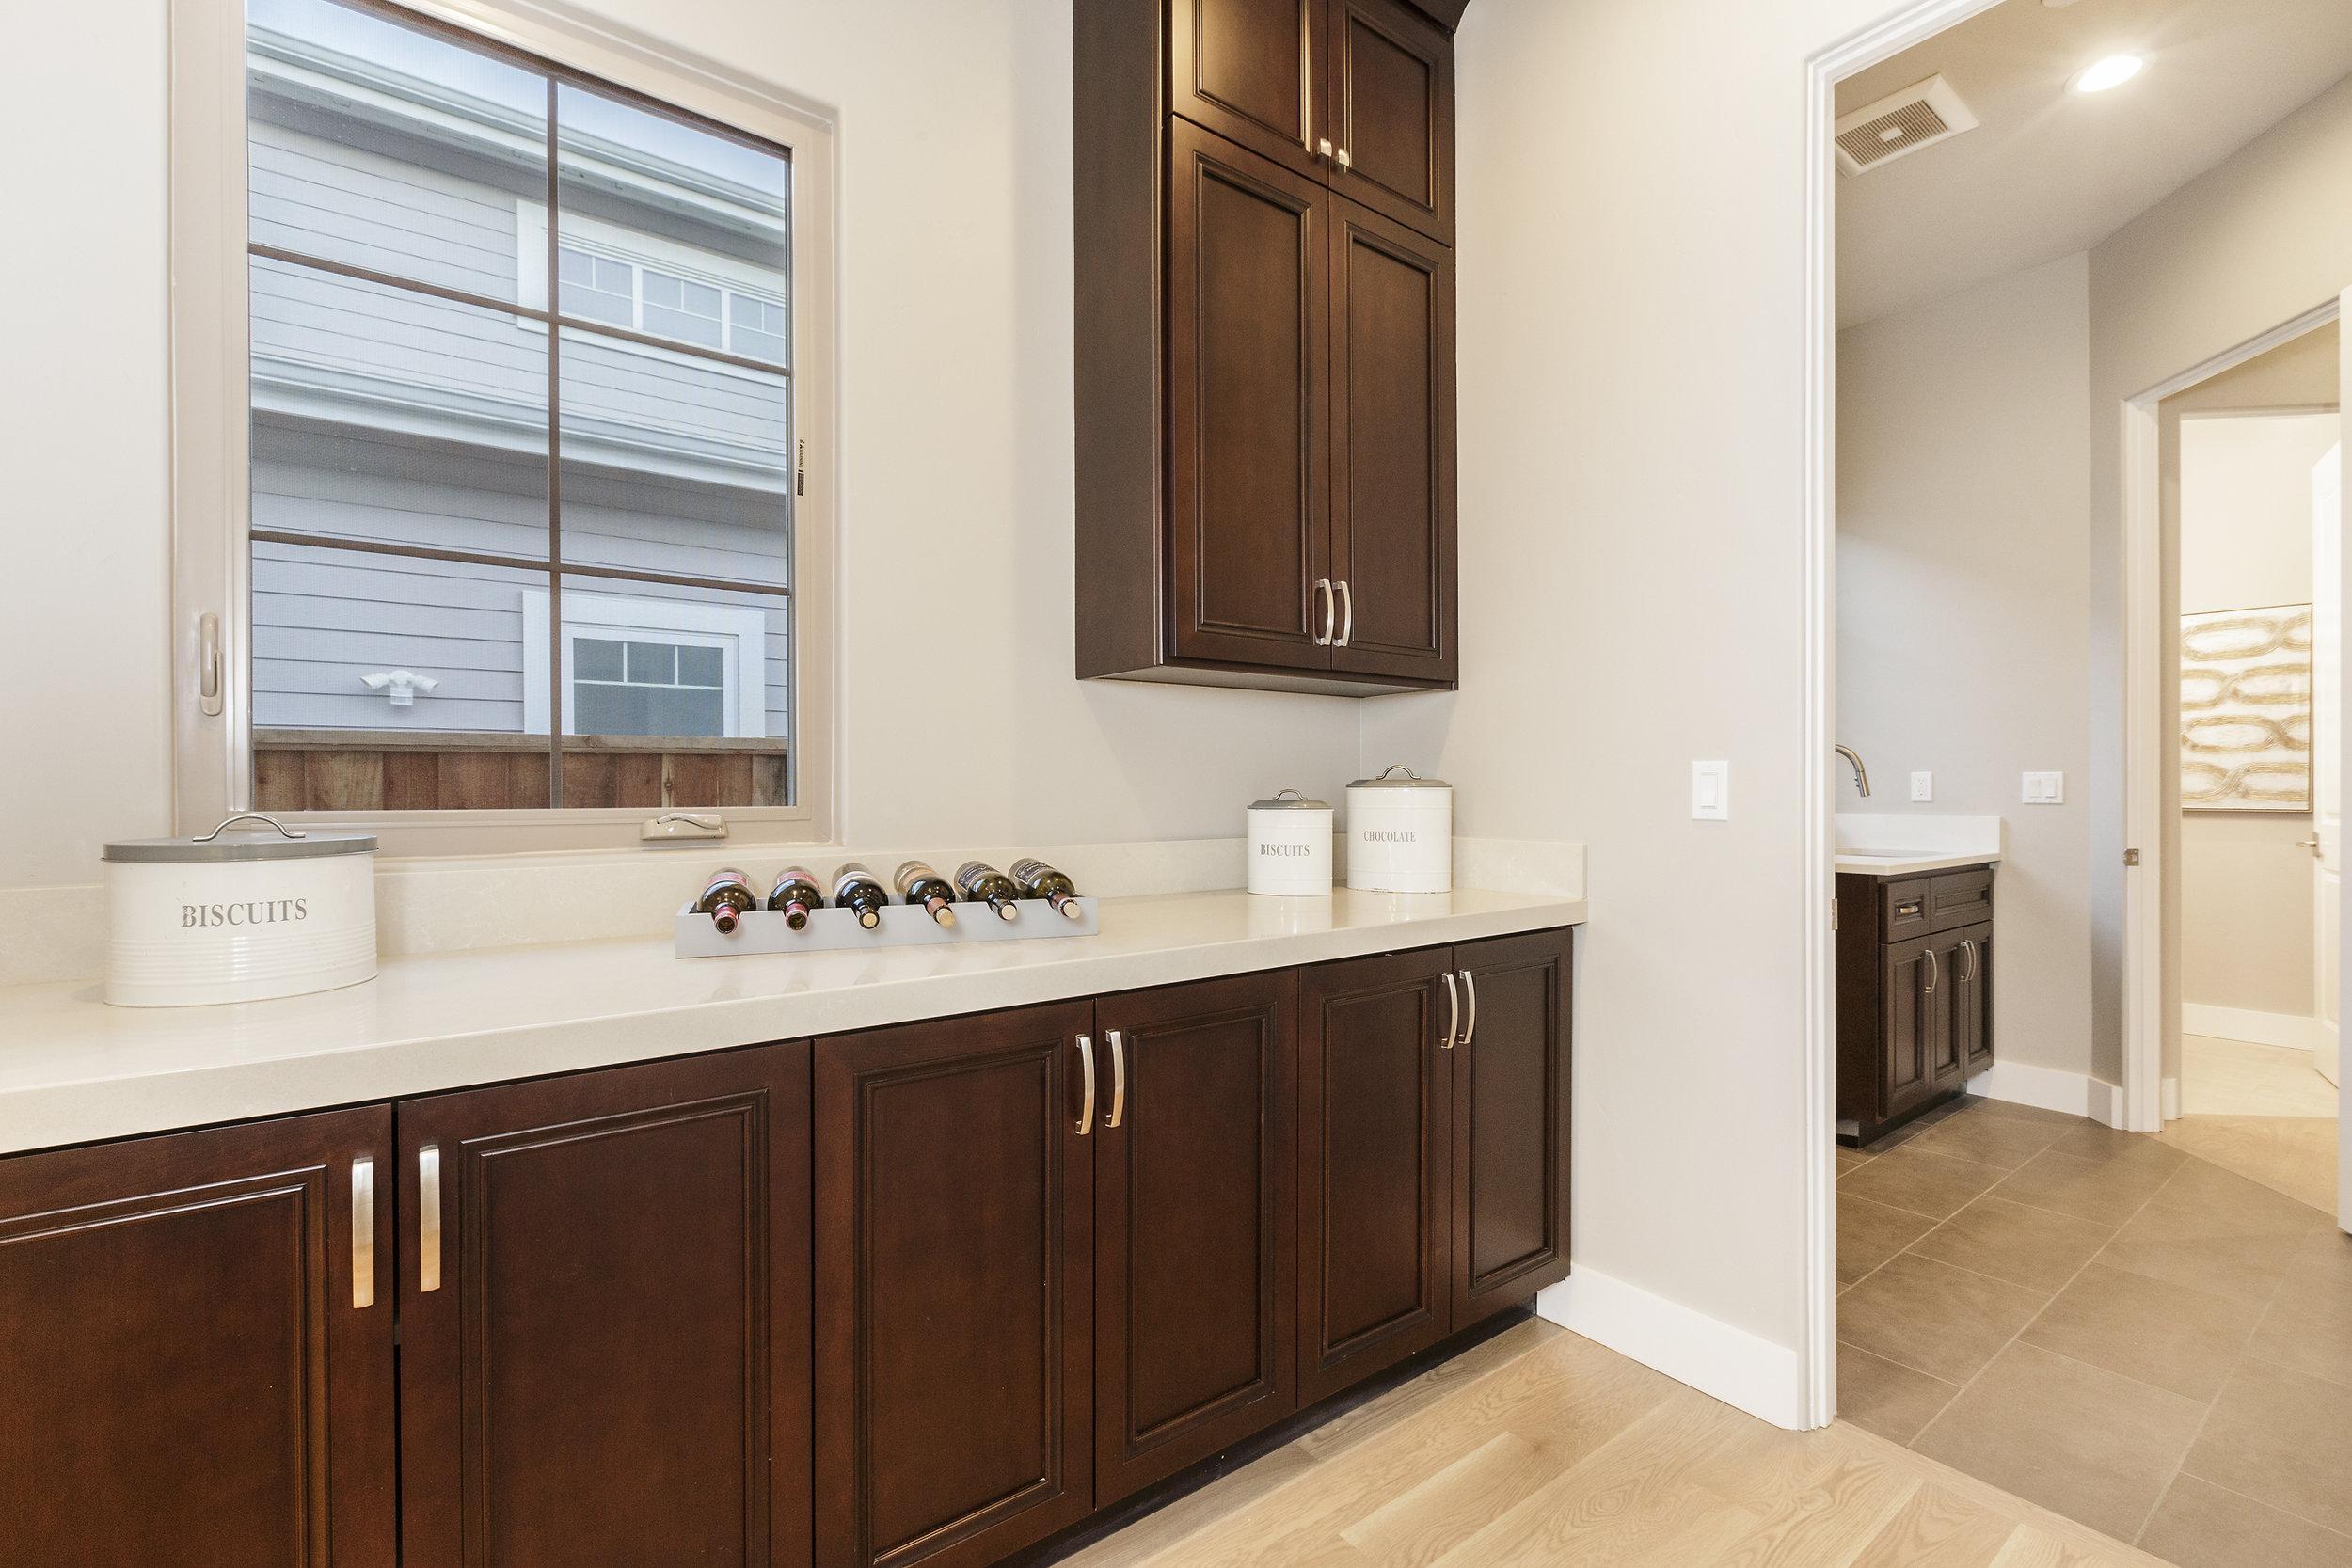 012-21825-Lomita-kitchen-high-res.jpg